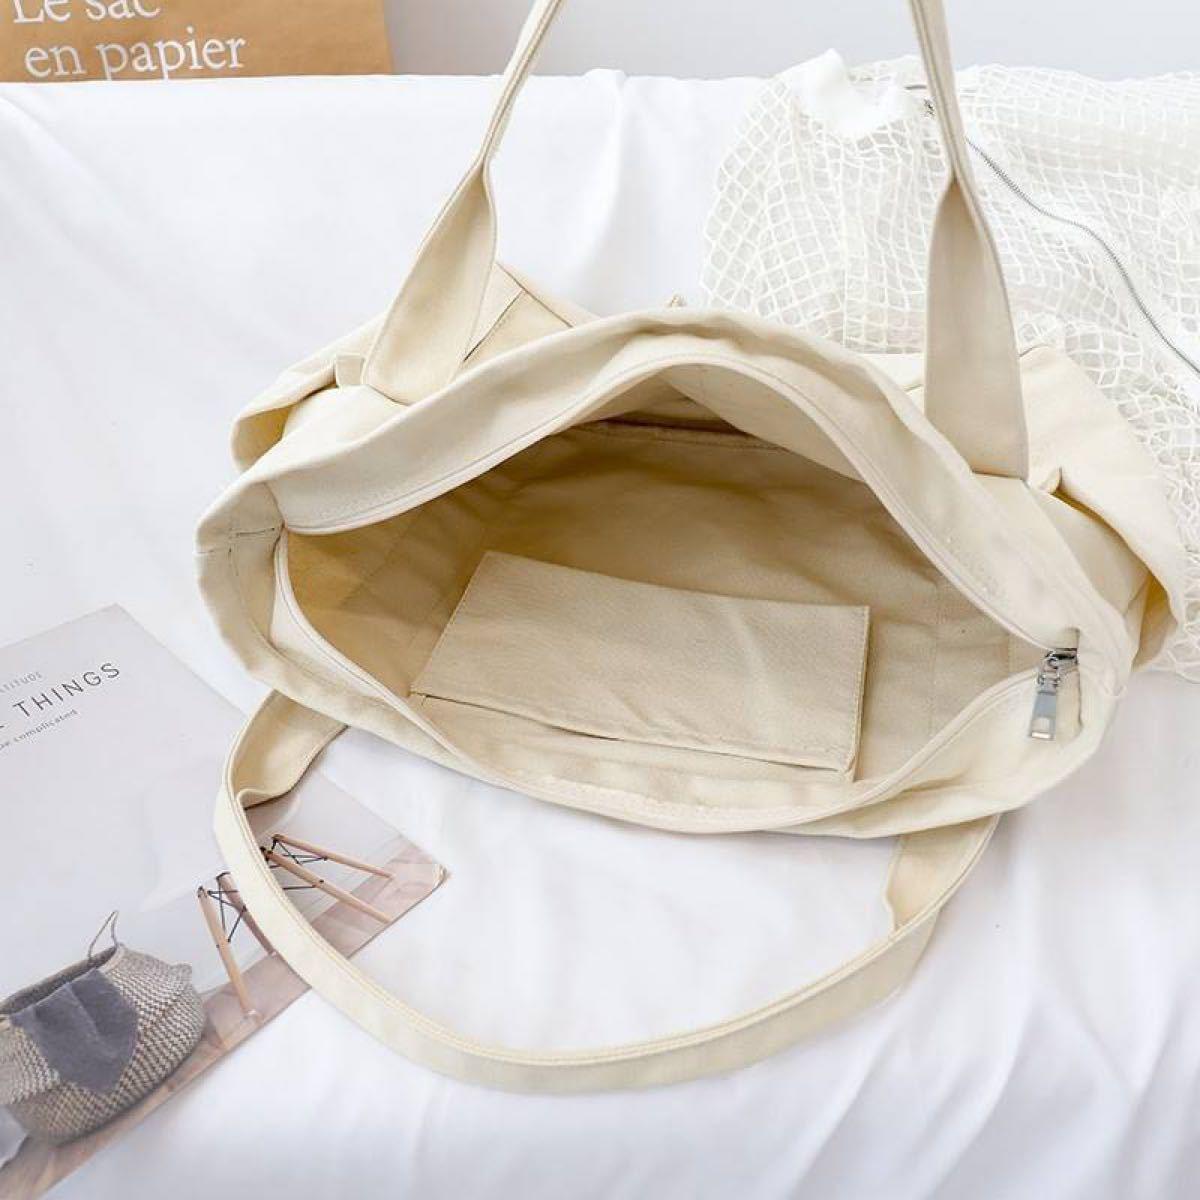 トートバッグ バッグ ハンドバッグ キャンバス エコバッグ  帆布 大きい ファスナー マザーバッグ トート 肩掛け 大容量